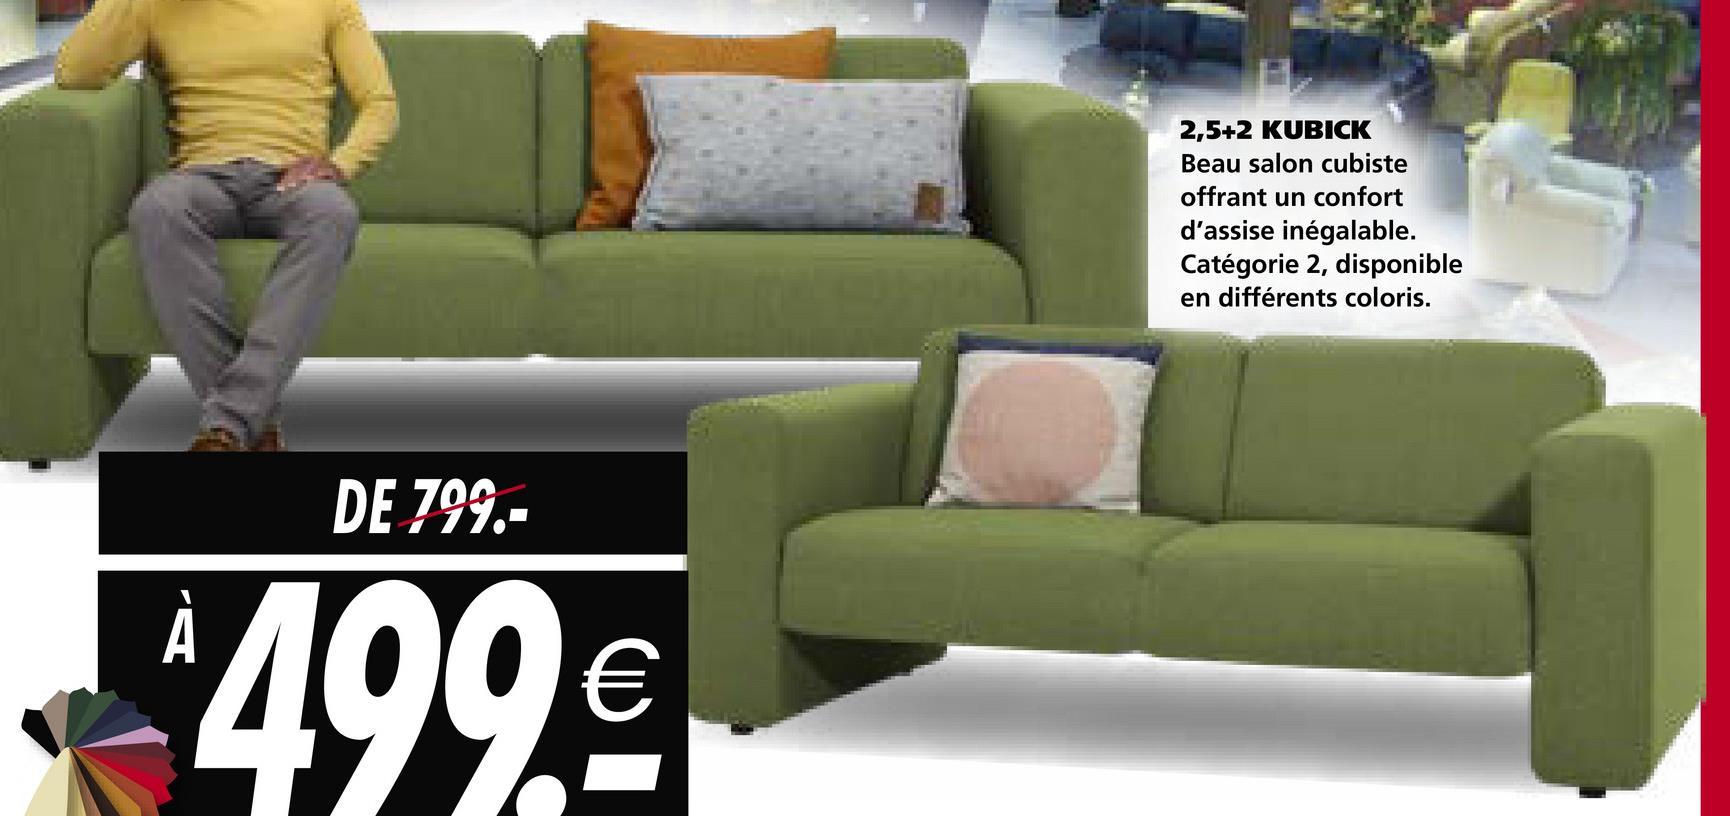 2,5+2 KUBICK Beau salon cubiste offrant un confort d'assise inégalable. Catégorie 2, disponible en différents coloris. DE 799.- 499€